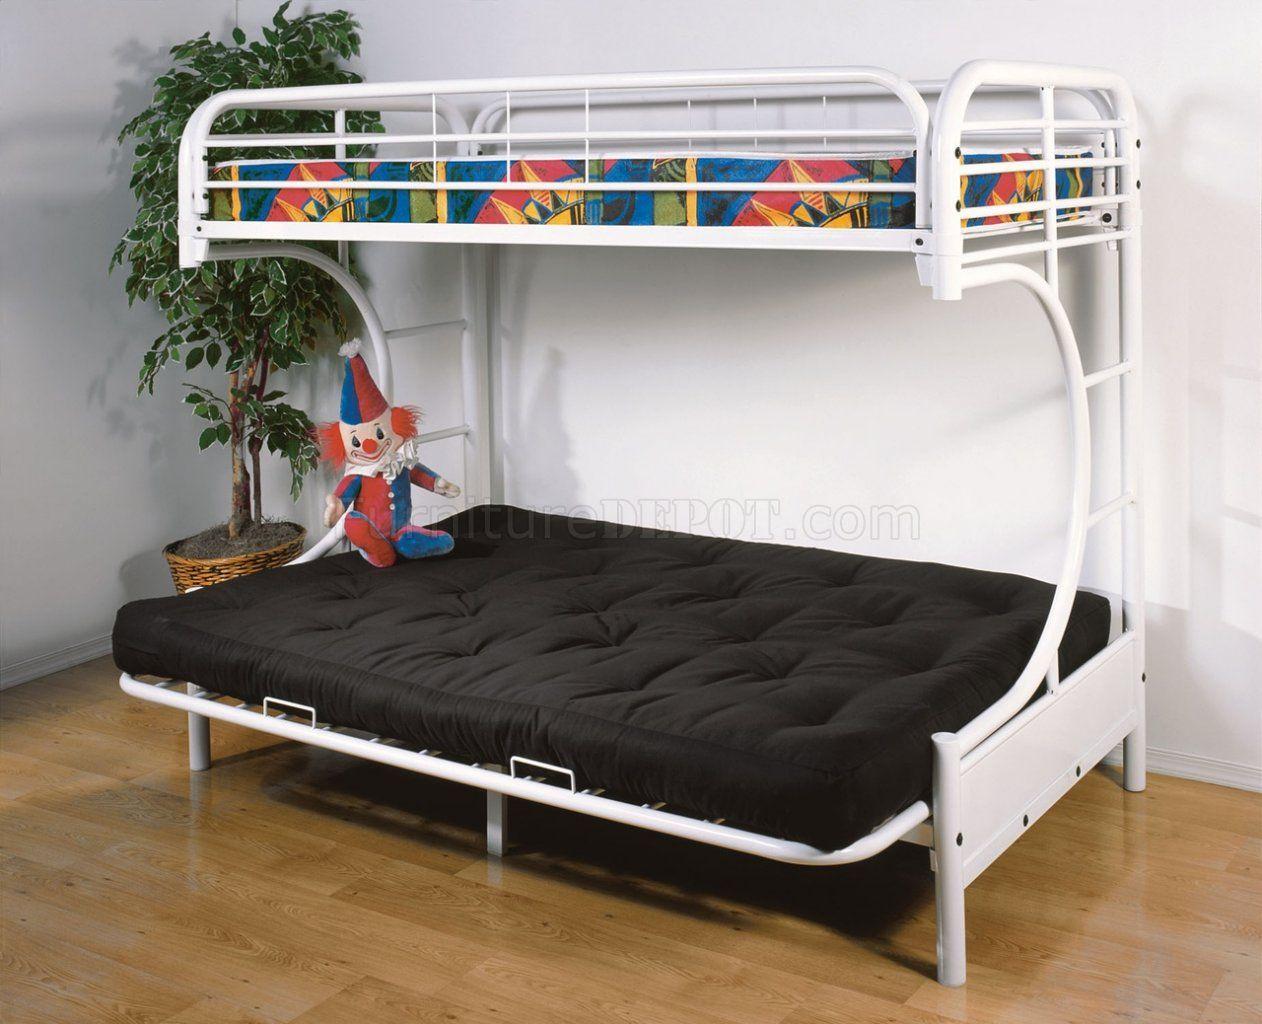 C Futon Bunk Bed